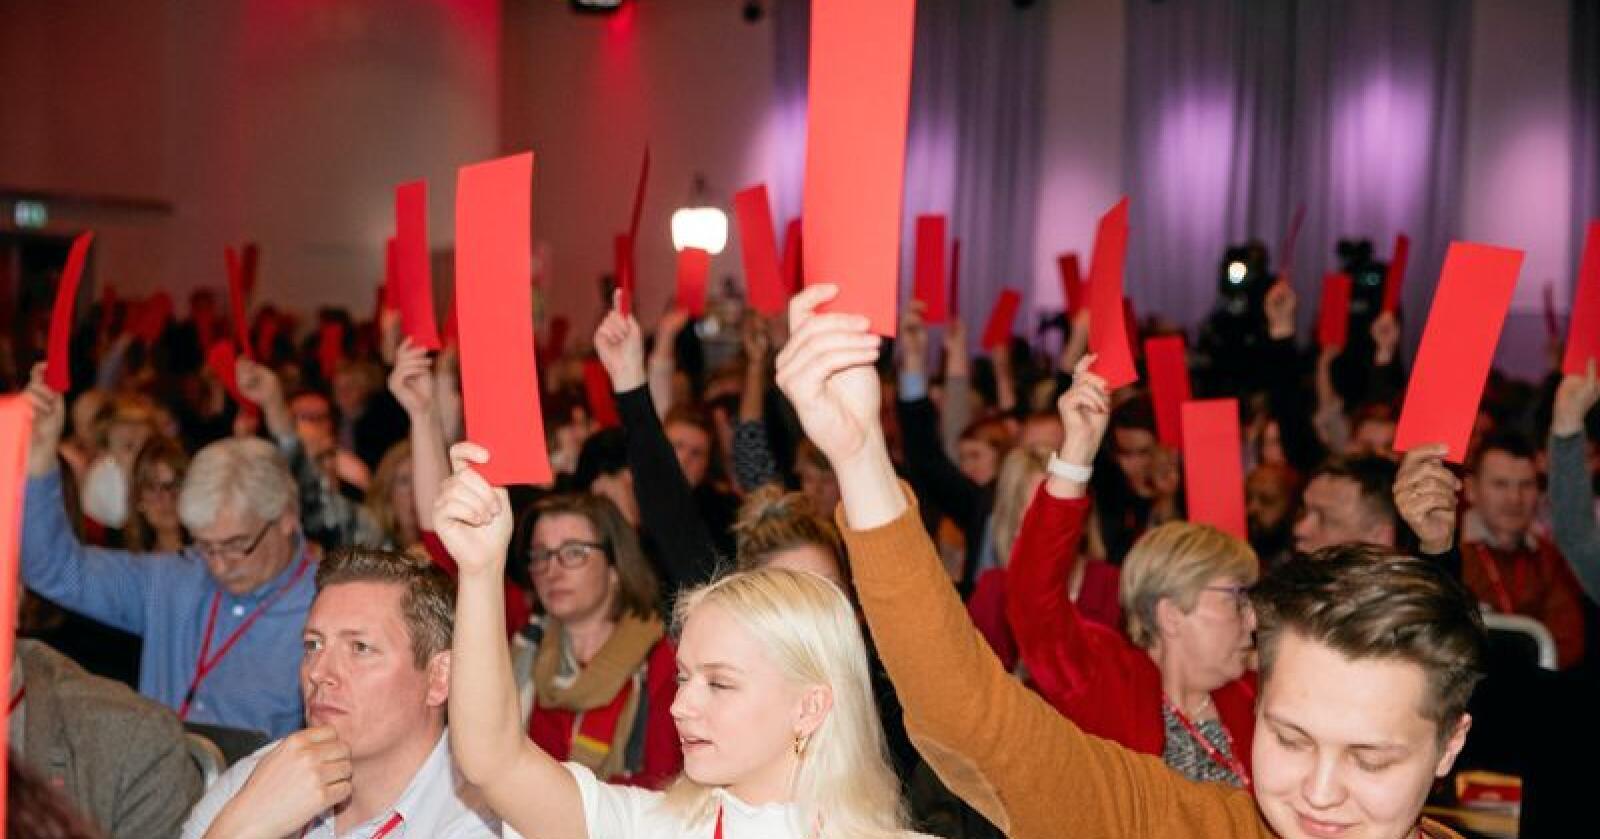 Oljevedtak: Arbeiderpartiet la en død sak død. Foto: Terje Pedersen/NTB scanpix